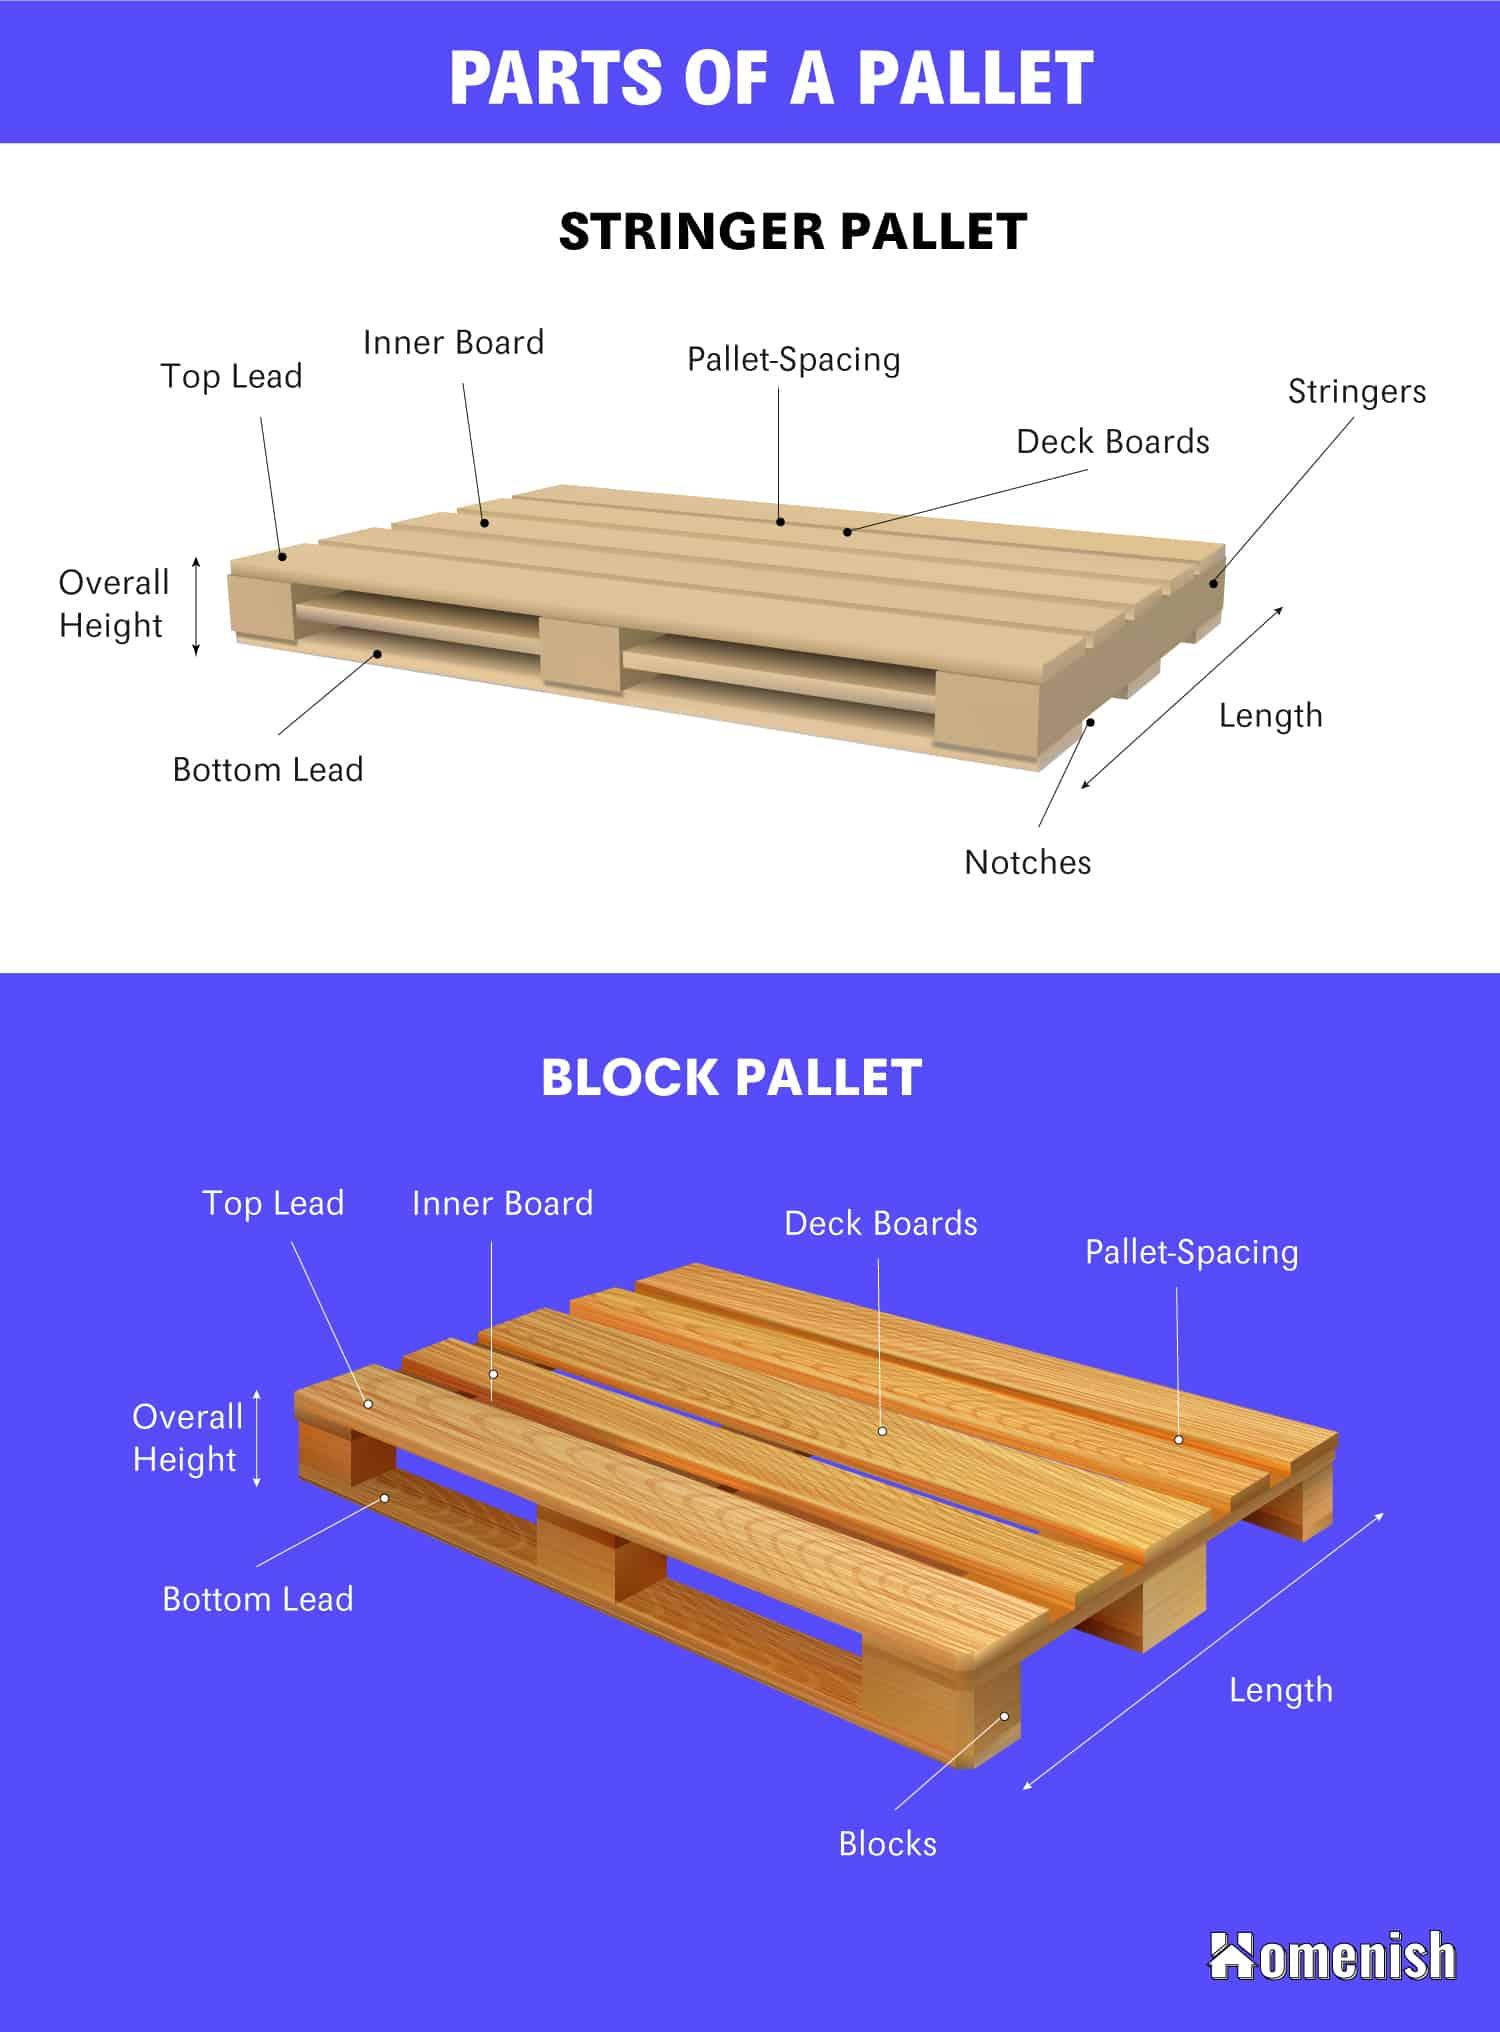 Parts of a Pallet Diagram